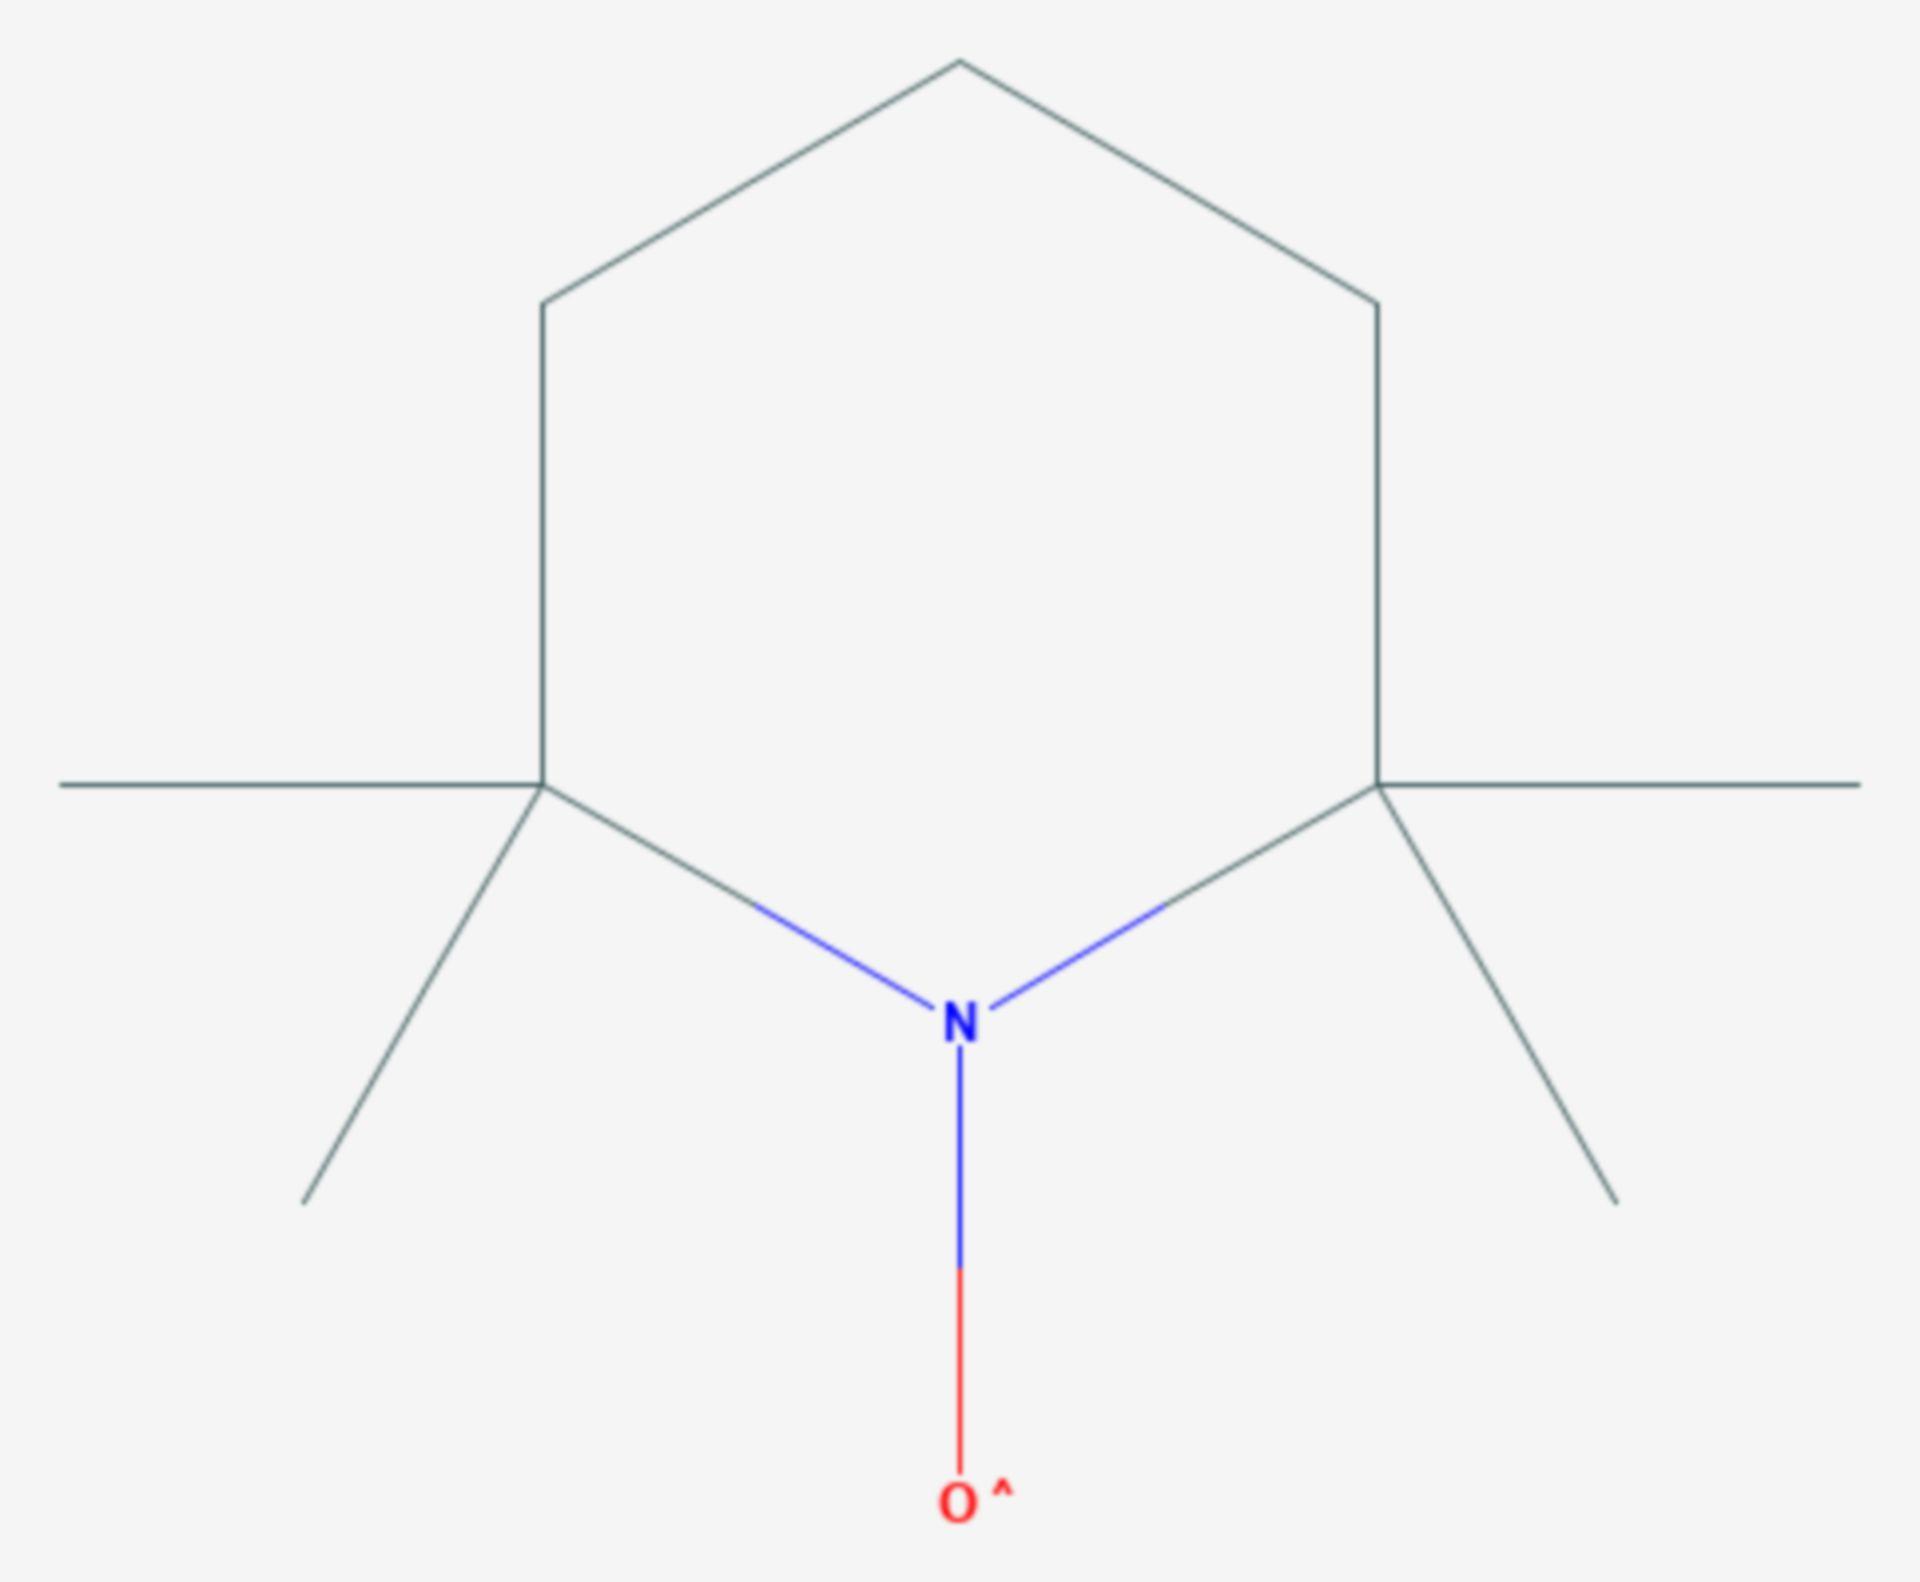 2,2,6,6-Tetramethylpiperidinyloxyl (Strukturformel)